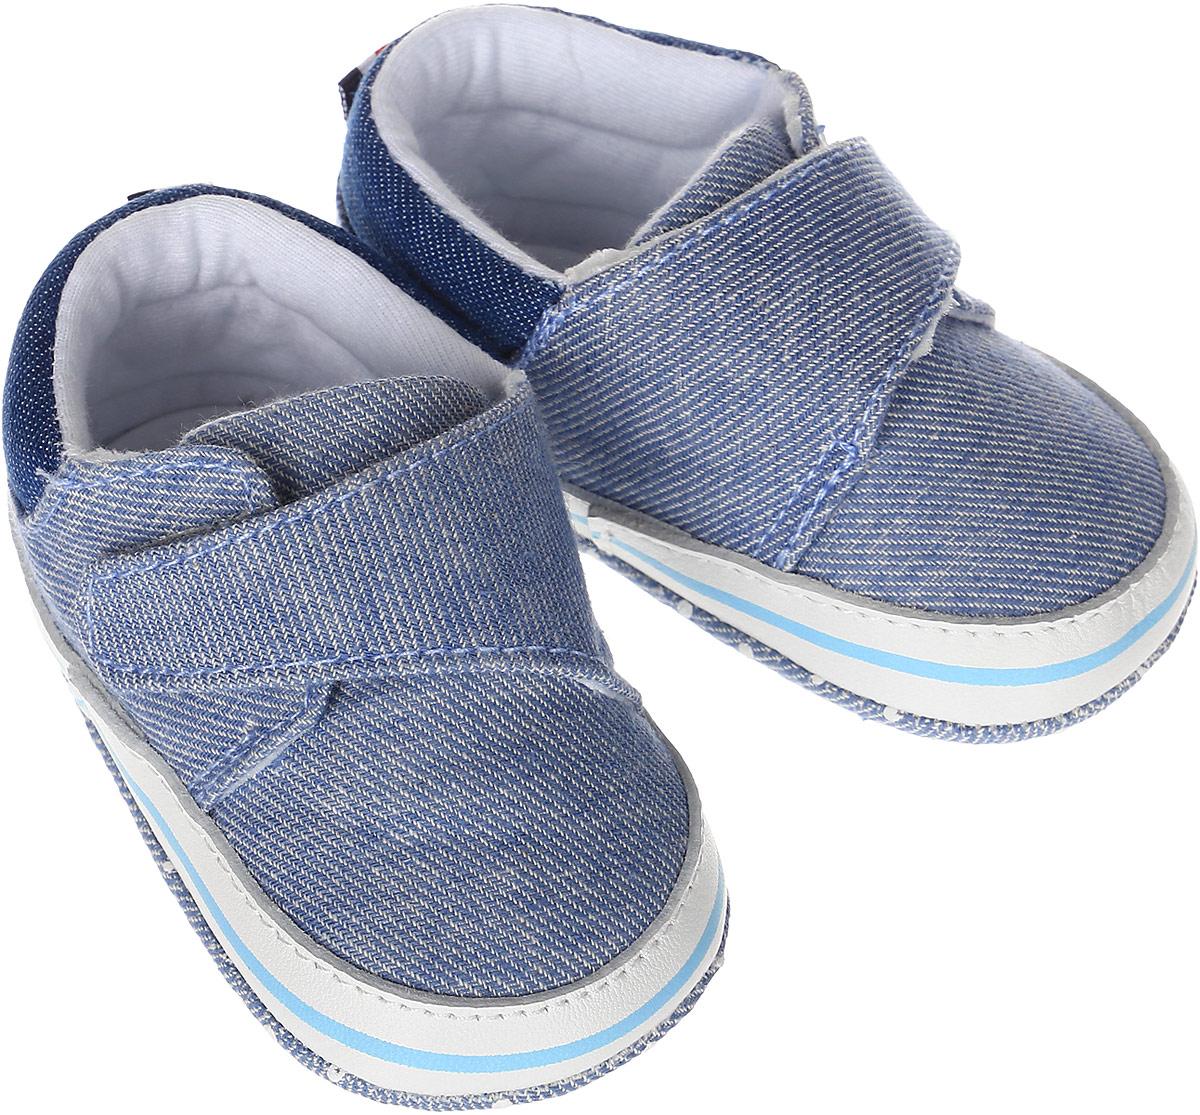 Пинетки для мальчиков Kapika, цвет: джинс. 10126. Размер 1810126Стильные и модные пинетки для мальчика Kapika выполнены из хлопкового текстиля с элементами из натуральной кожи. Модель на липучке с имитацией шнуровки, которая надежно фиксирует пинетки на ножке ребенка и позволяет регулировать их объем.Удобные детские пинетки станут любимой обувью вашего ребенка.